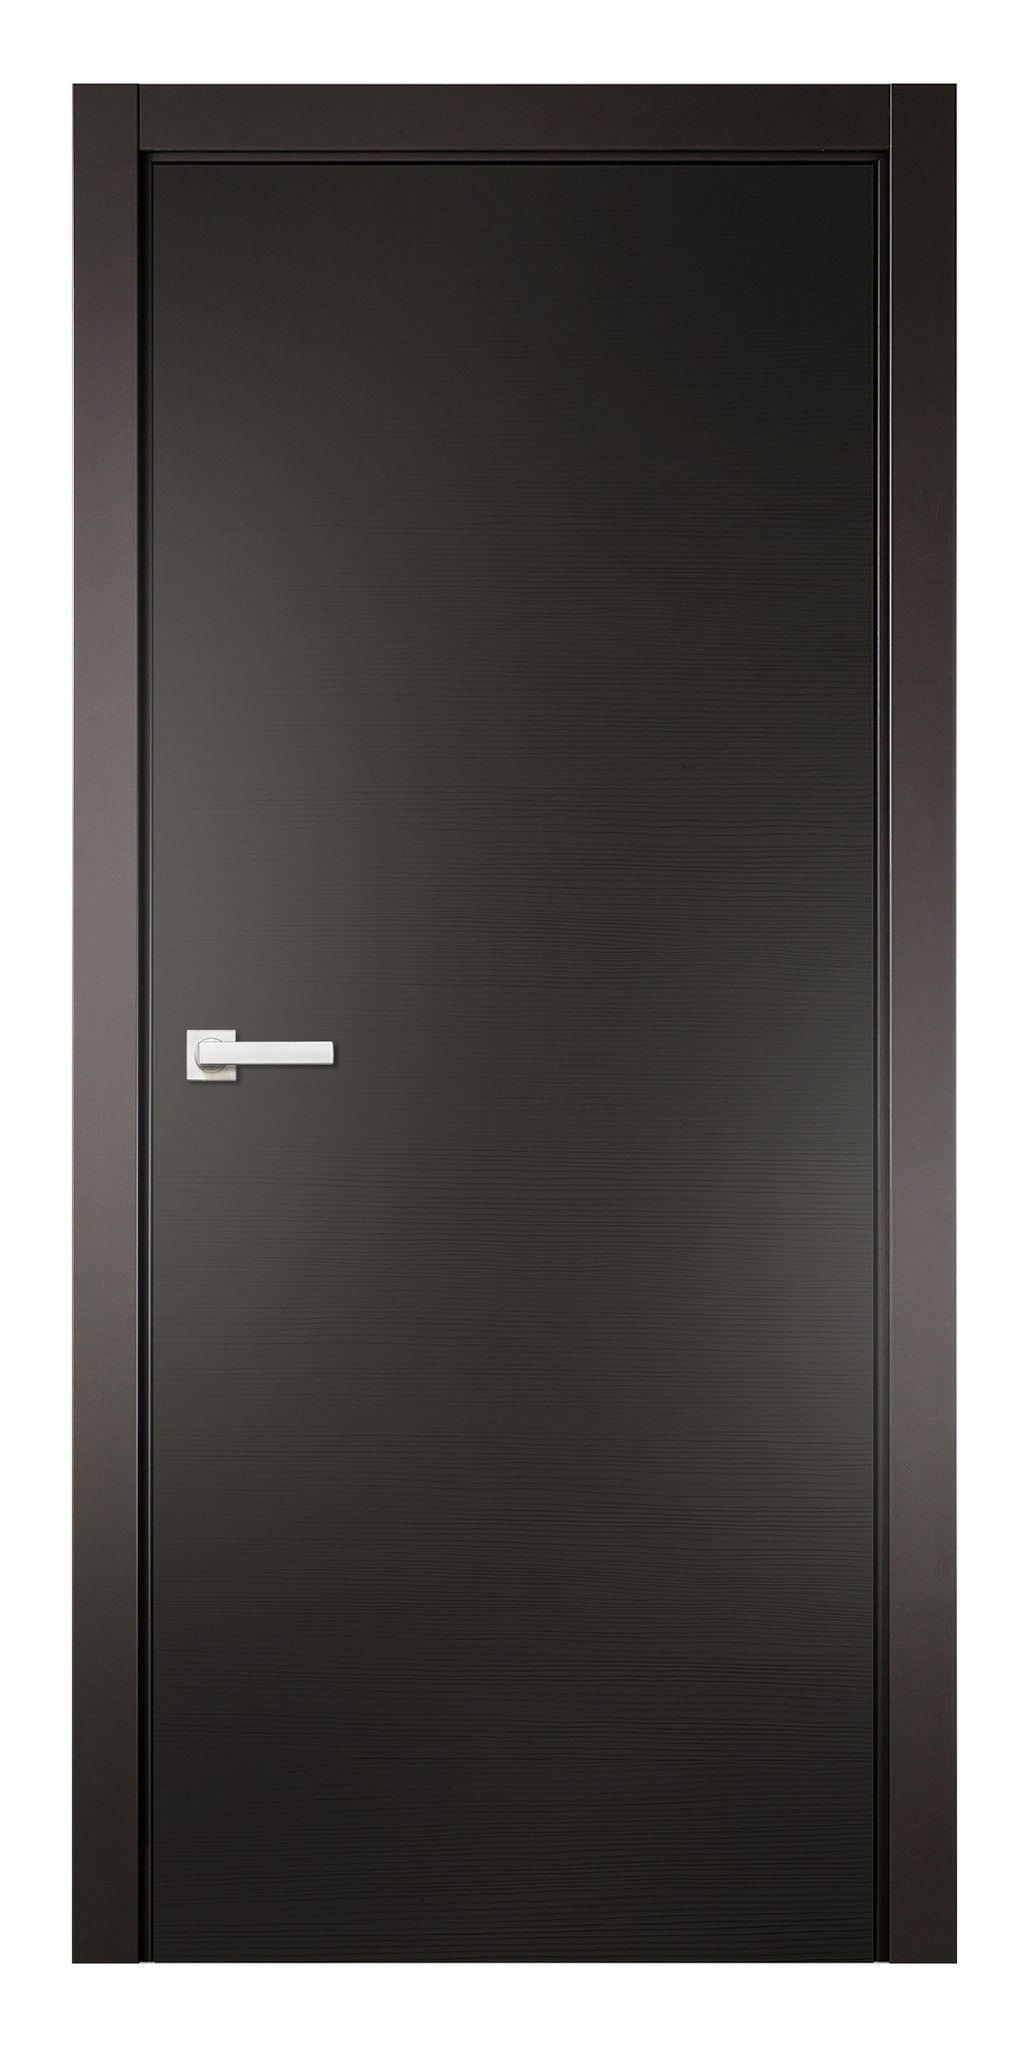 Natural Veneered Wooden Flush Door Design Mdf Living Room: Sarto Avant 4030 Taeda Anthracite Interior Door Is A